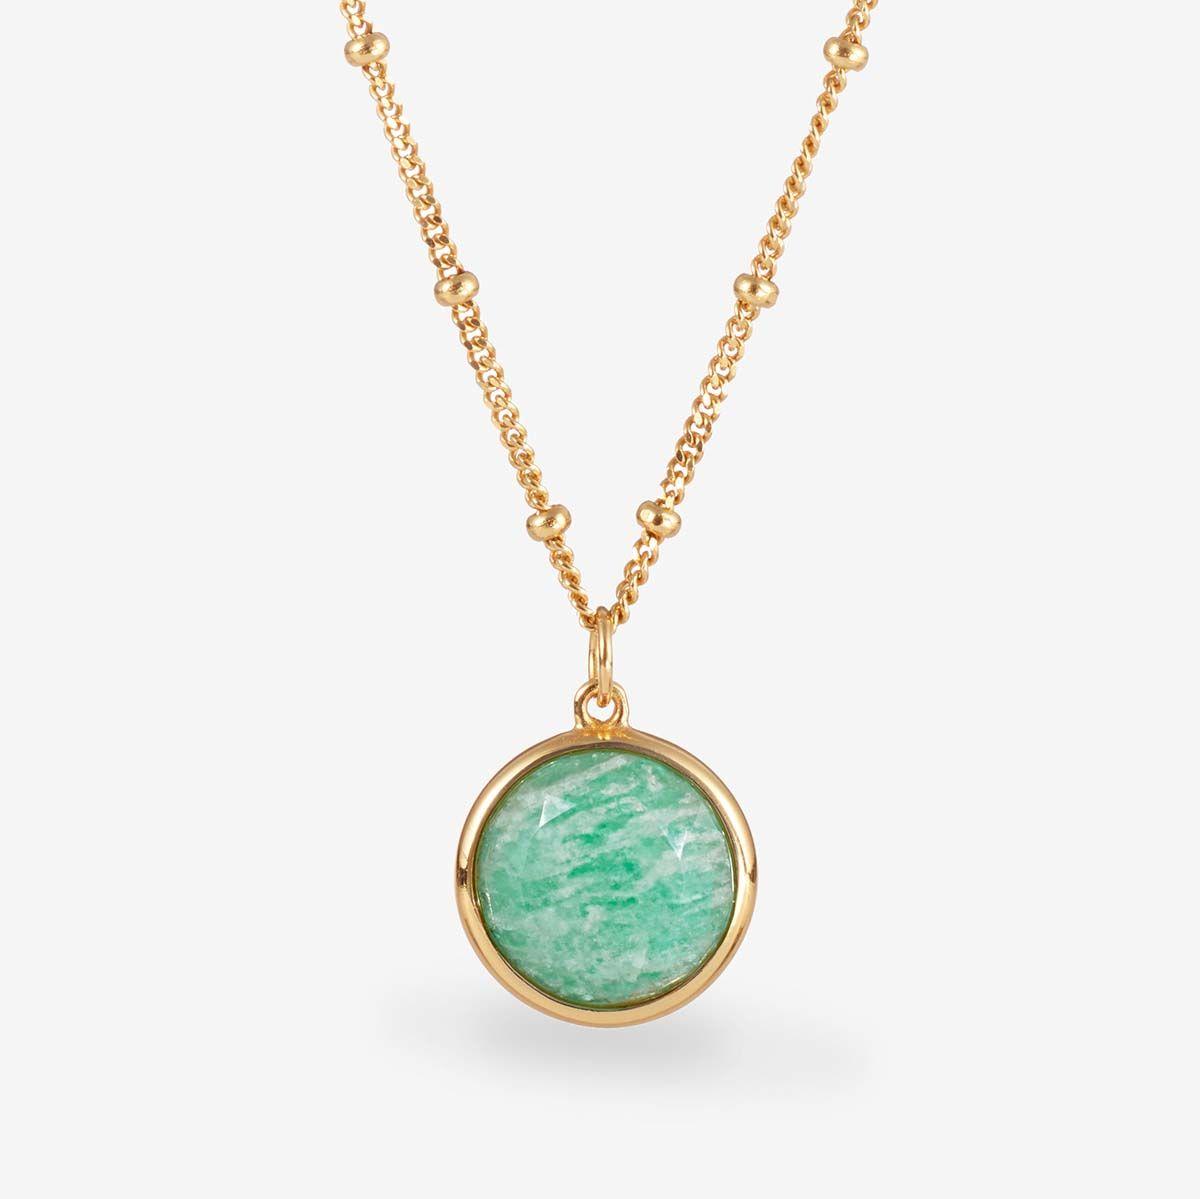 Aria - Halsketten - 18k vergoldet